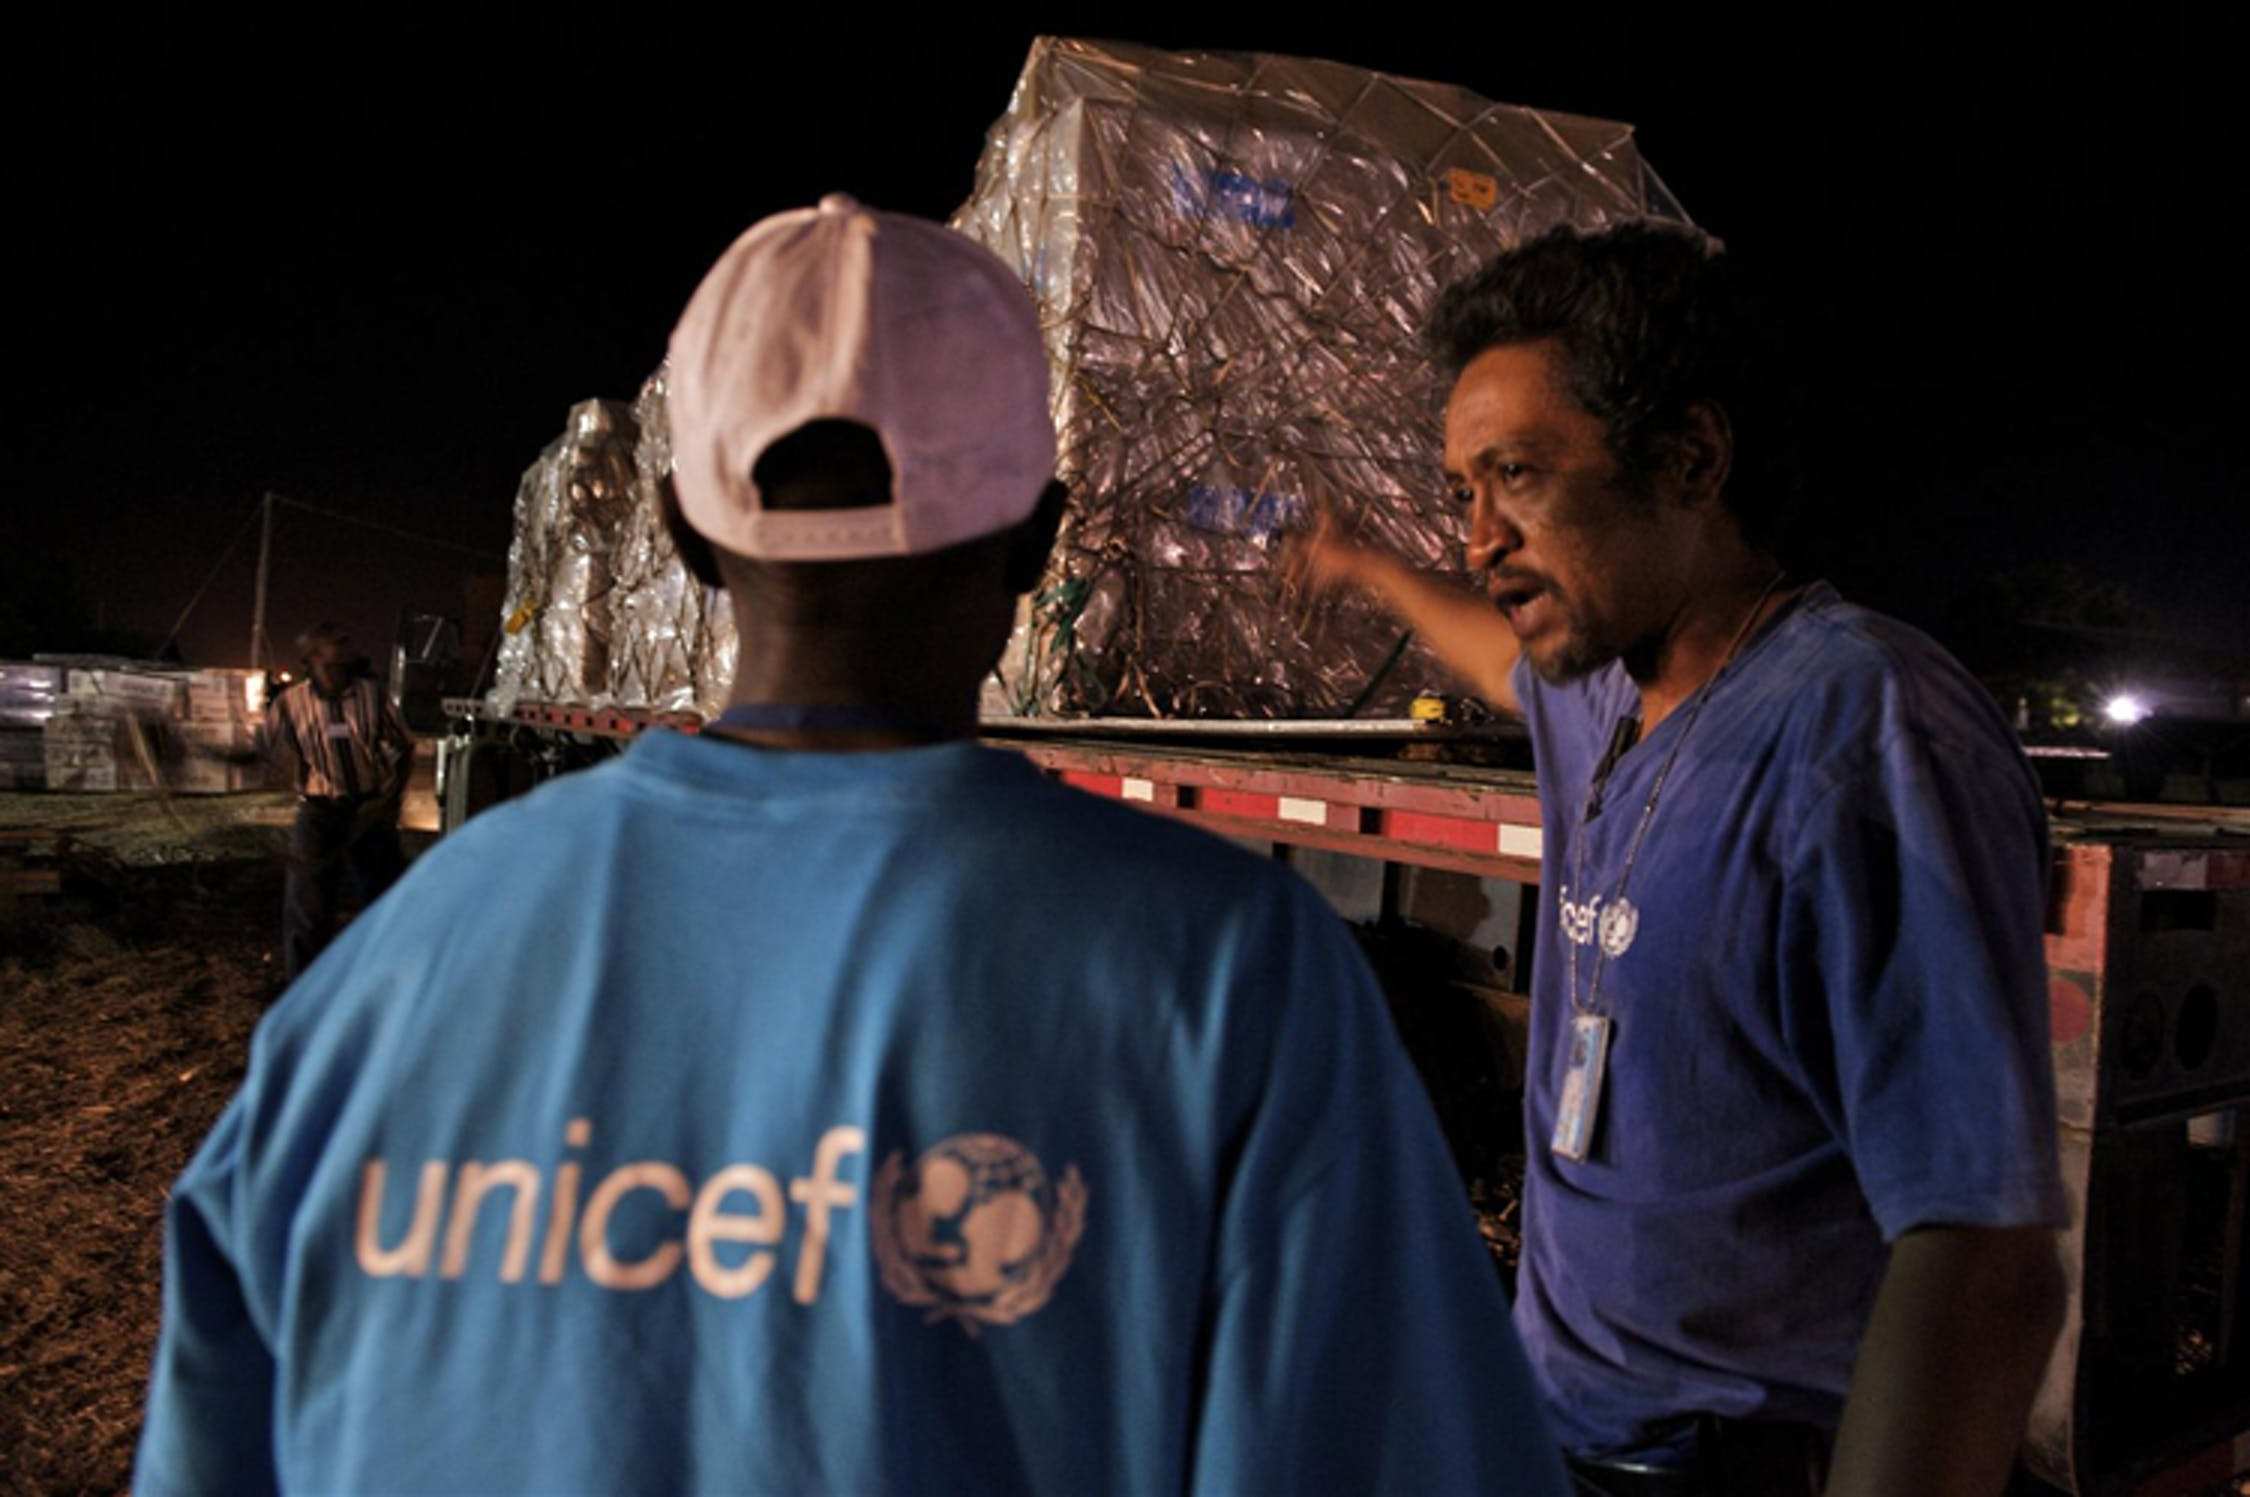 In piena notte, operatori UNICEF nell'aeroporto di Port-au-Prince scaricano beni da un volo umanitario proveniente dagli Stati Uniti